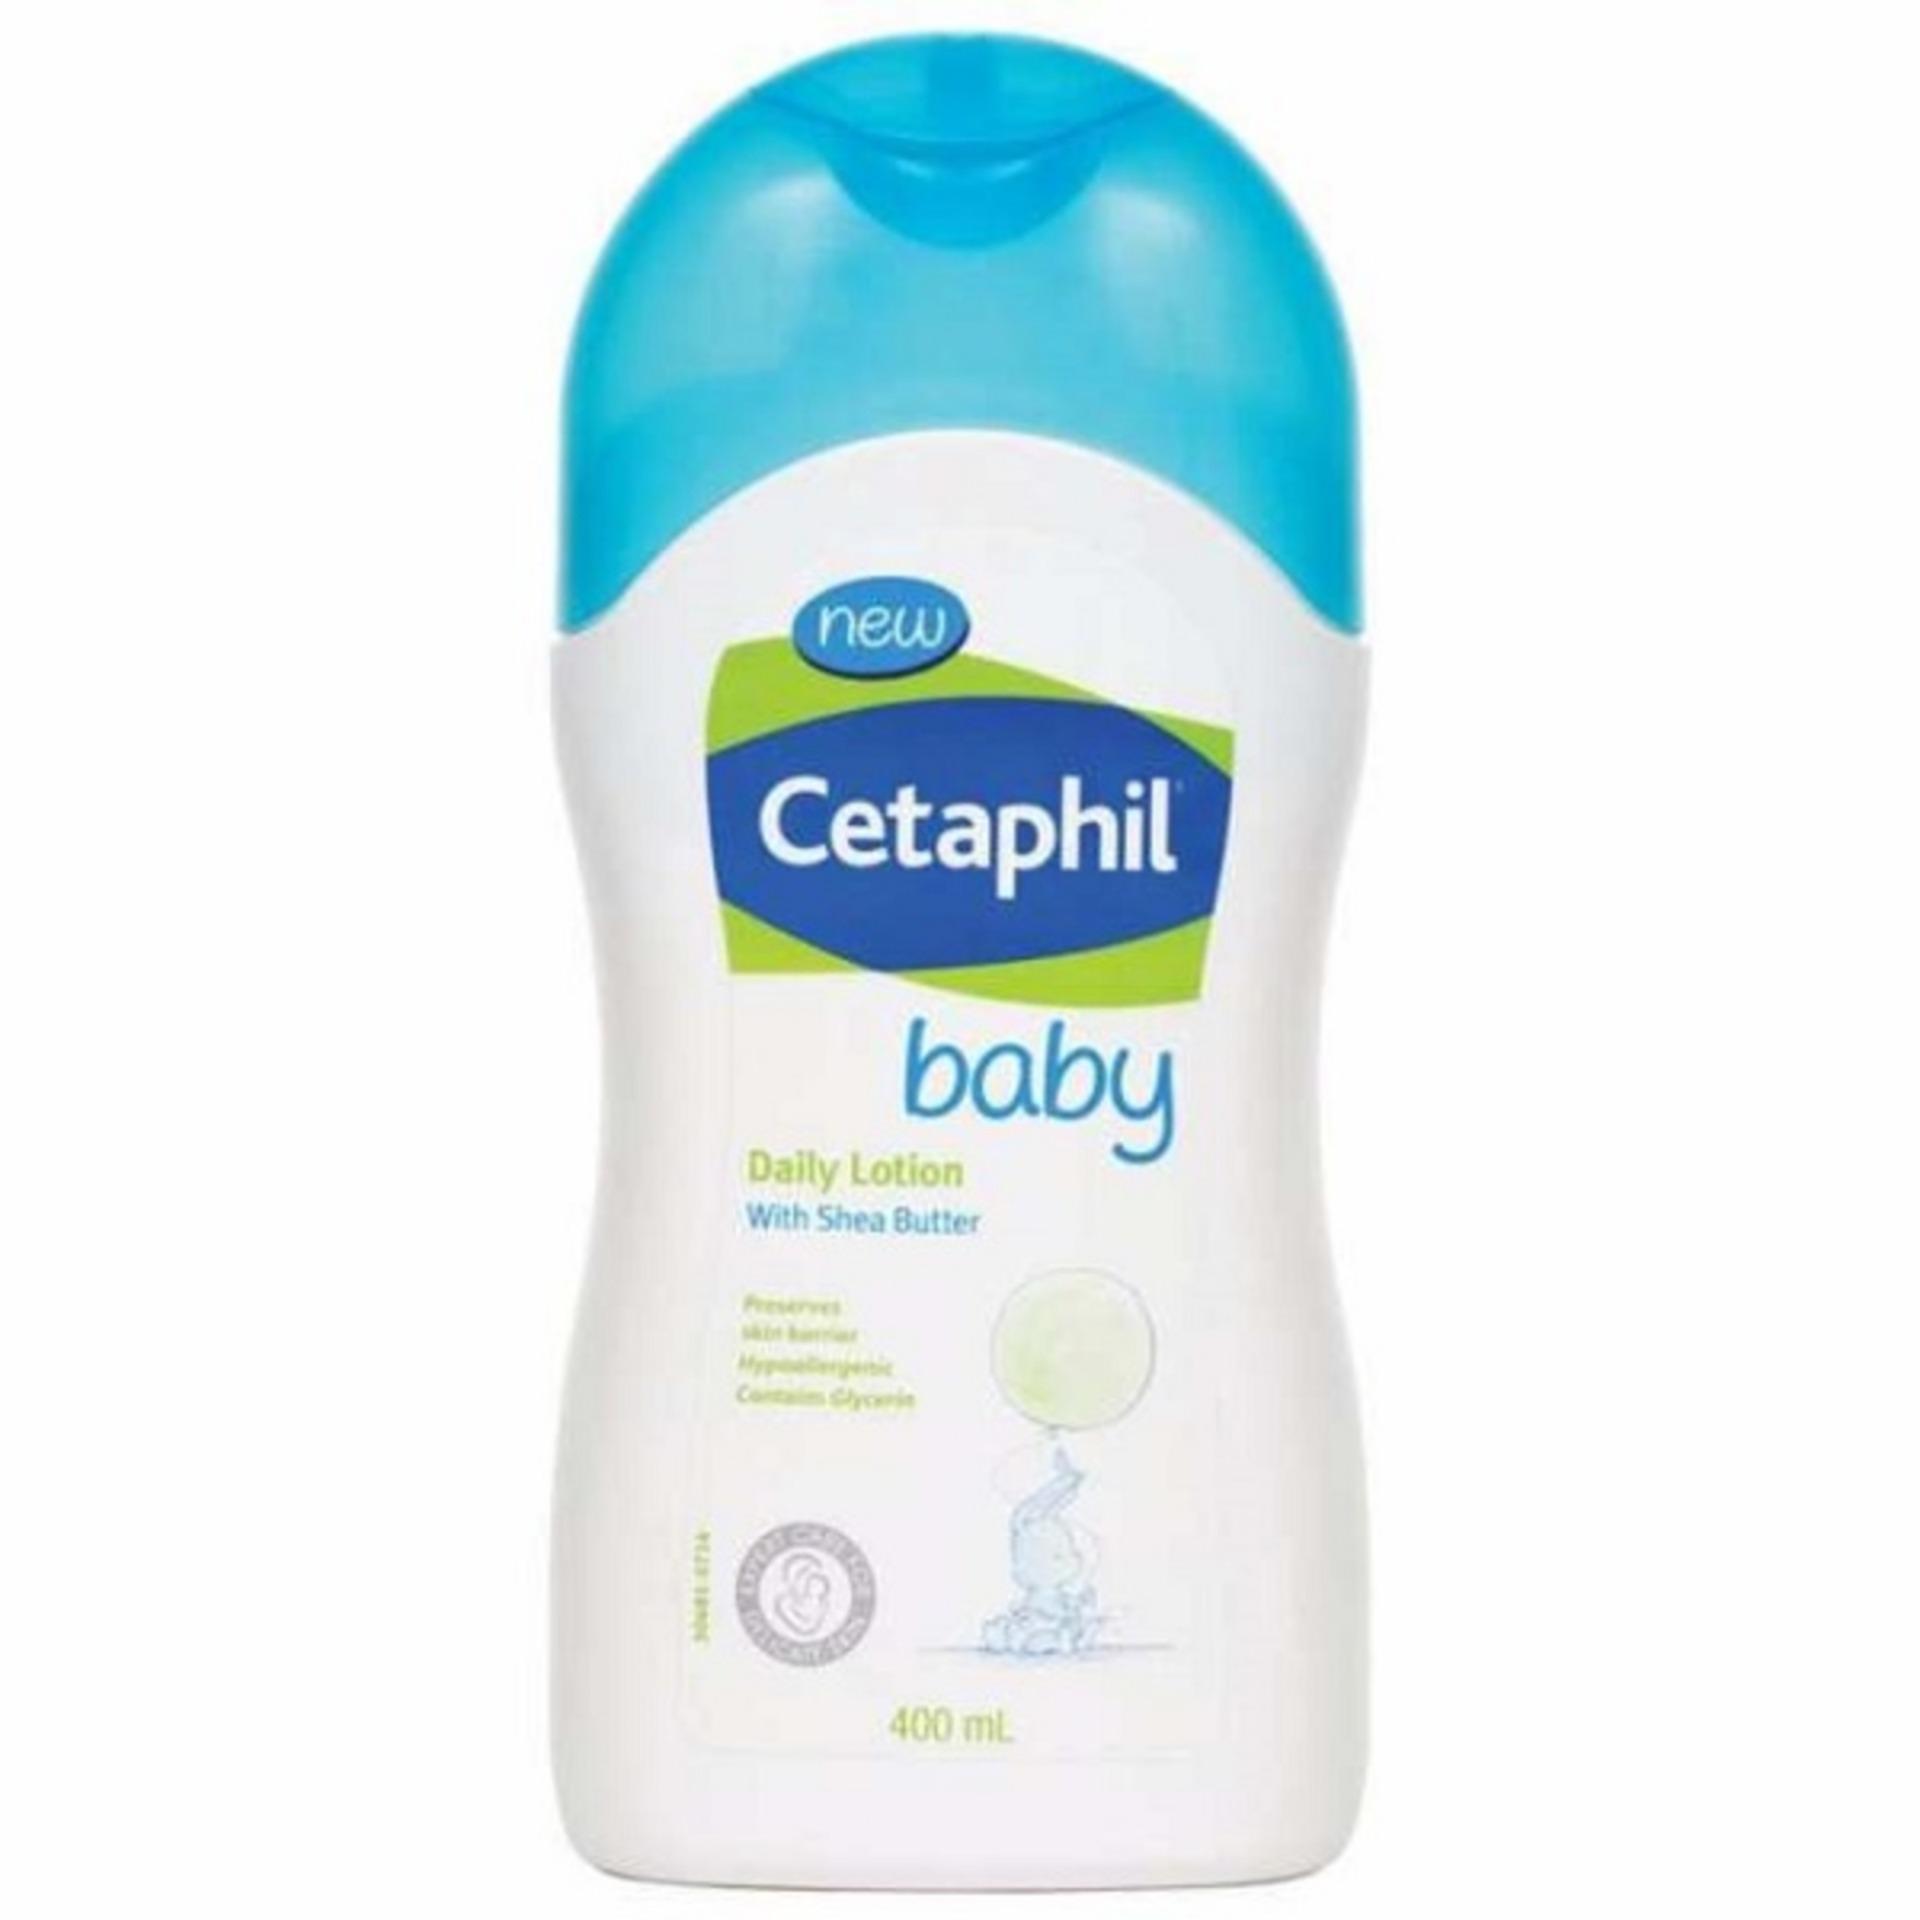 Sữa dưỡng ẩm toàn thân - Baby Daily Lotion 400ml - Cetaphil